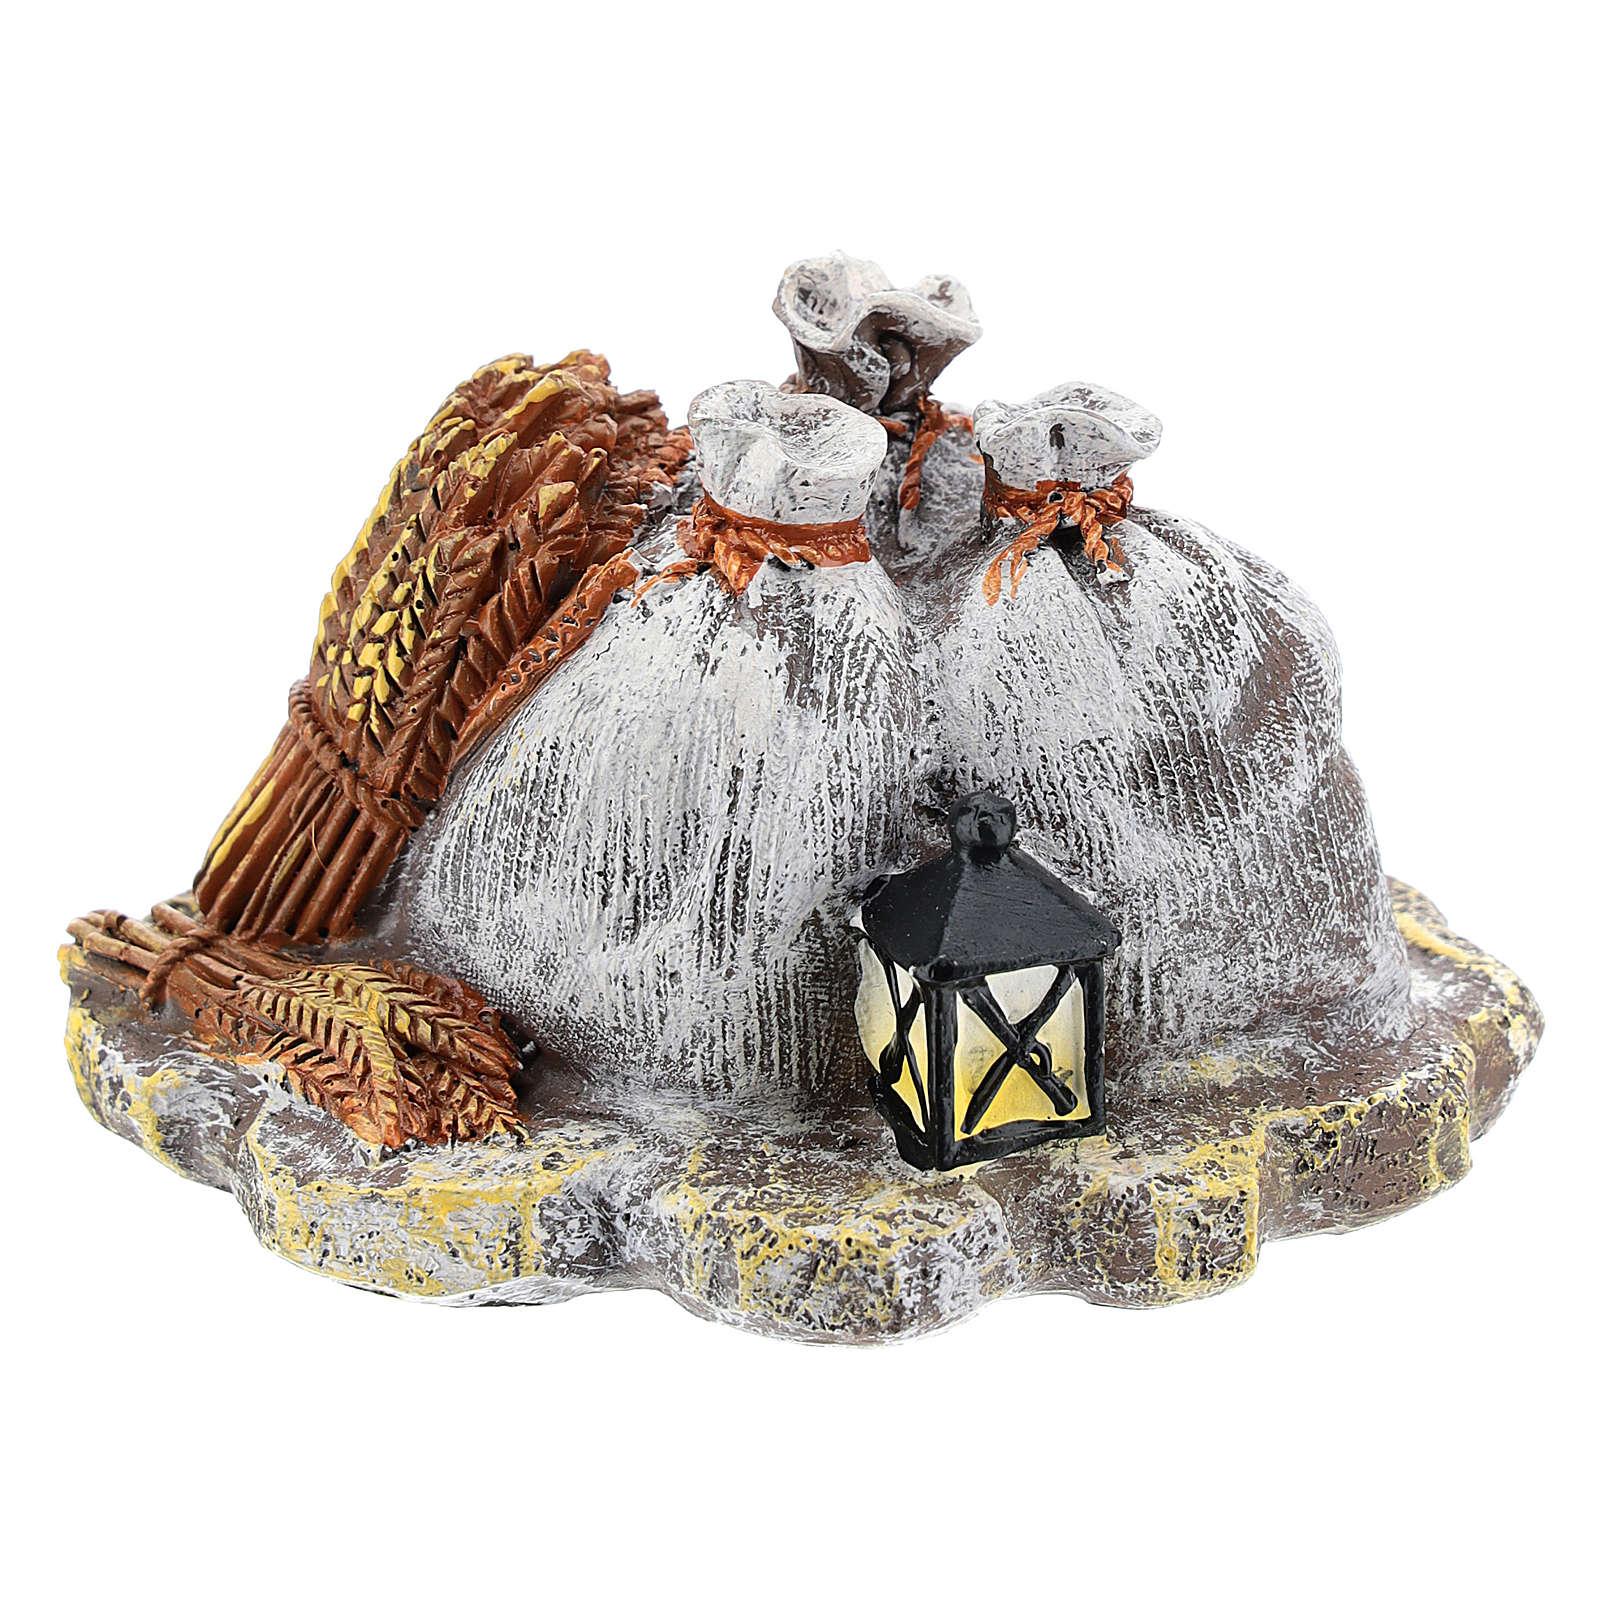 Ambientazione con sacchi e lanterna in resina presepe fai da te 8-10 cm 4